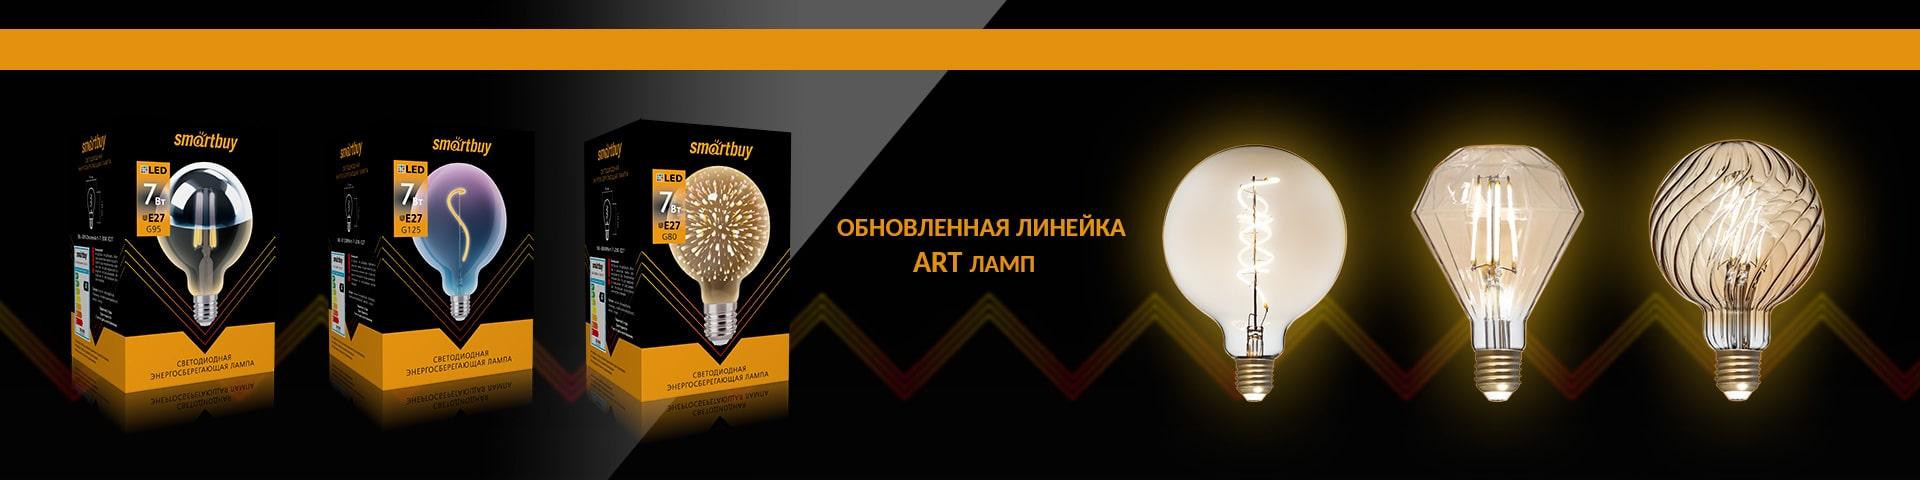 Филаментные лампы ART Smartbuy